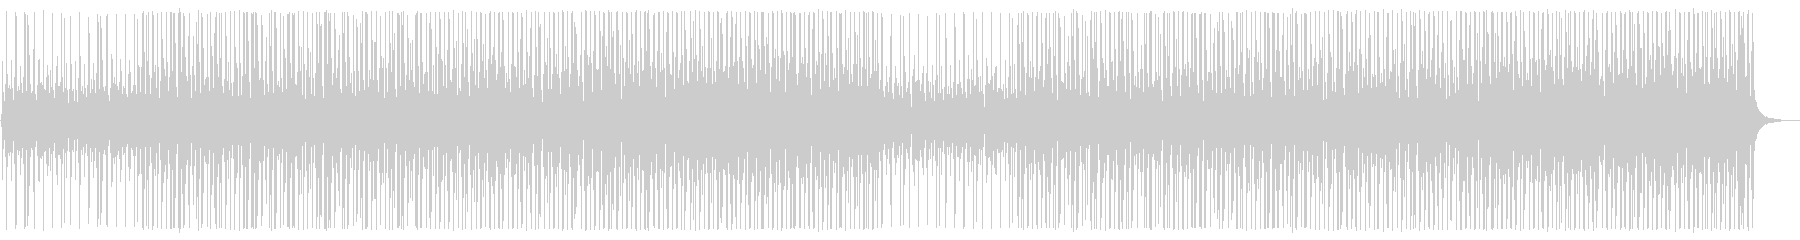 告知 かわいい・手拍子・アコースティックの未再生の波形